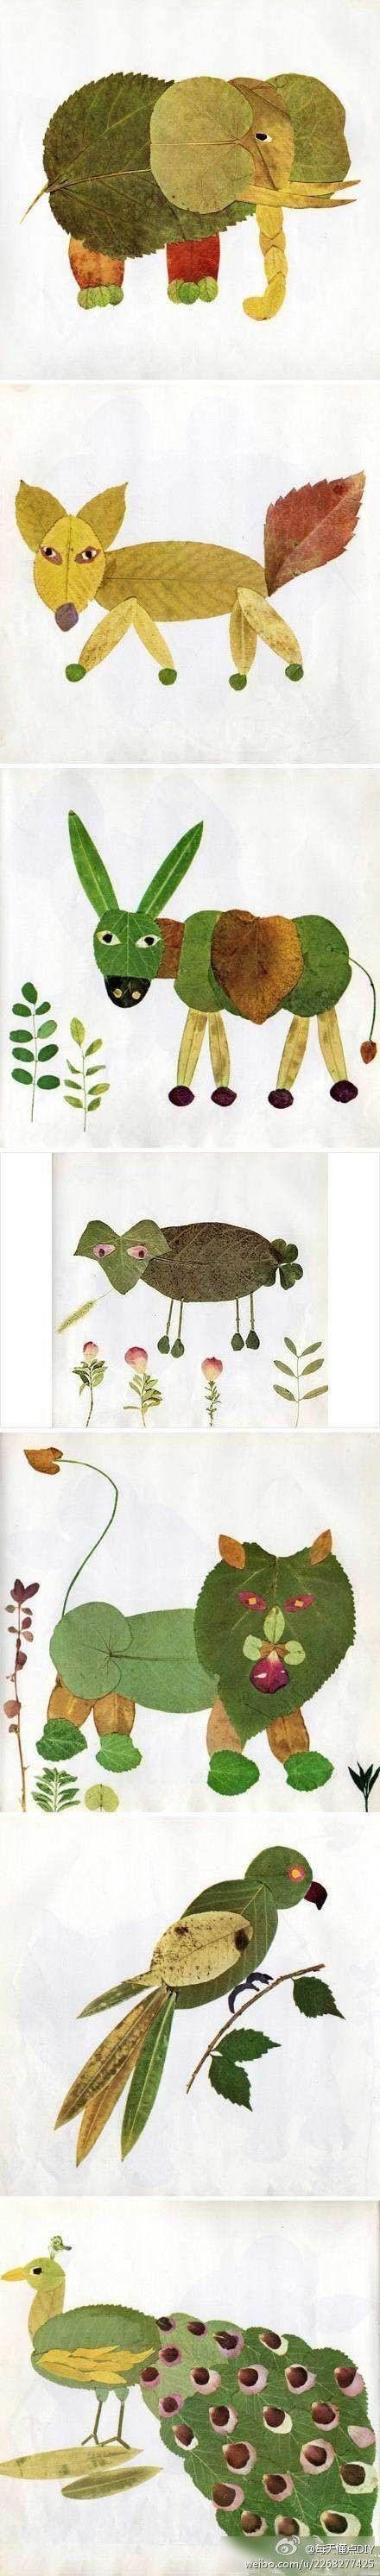 等到了秋天,叶儿落了,一起来做美美的树叶贴画吧!收藏下来,和家里的小朋友一起动手做吧~